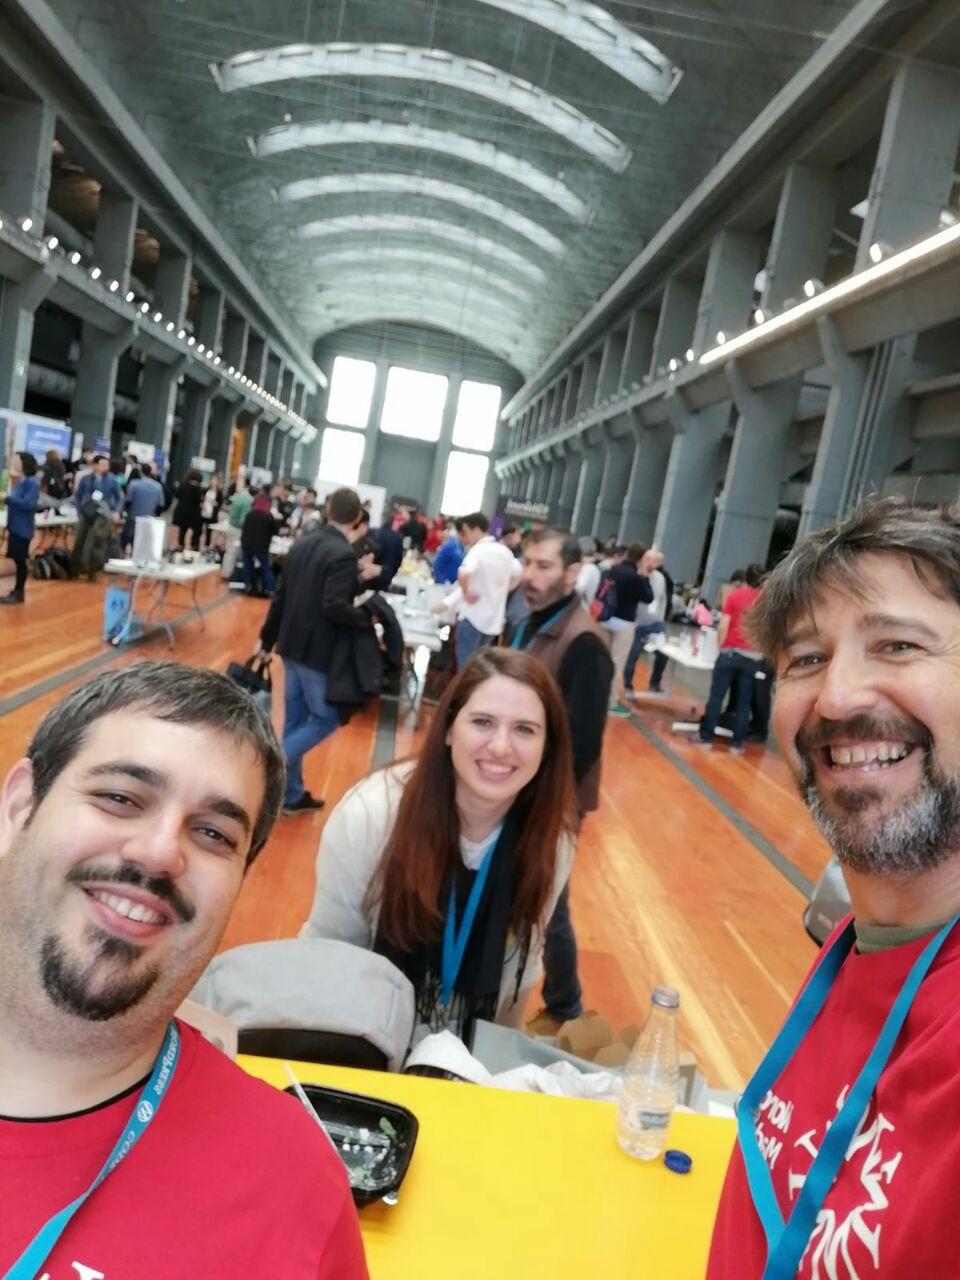 Raúl, Mónica y JuanMa a la hora de comer #WCMAD